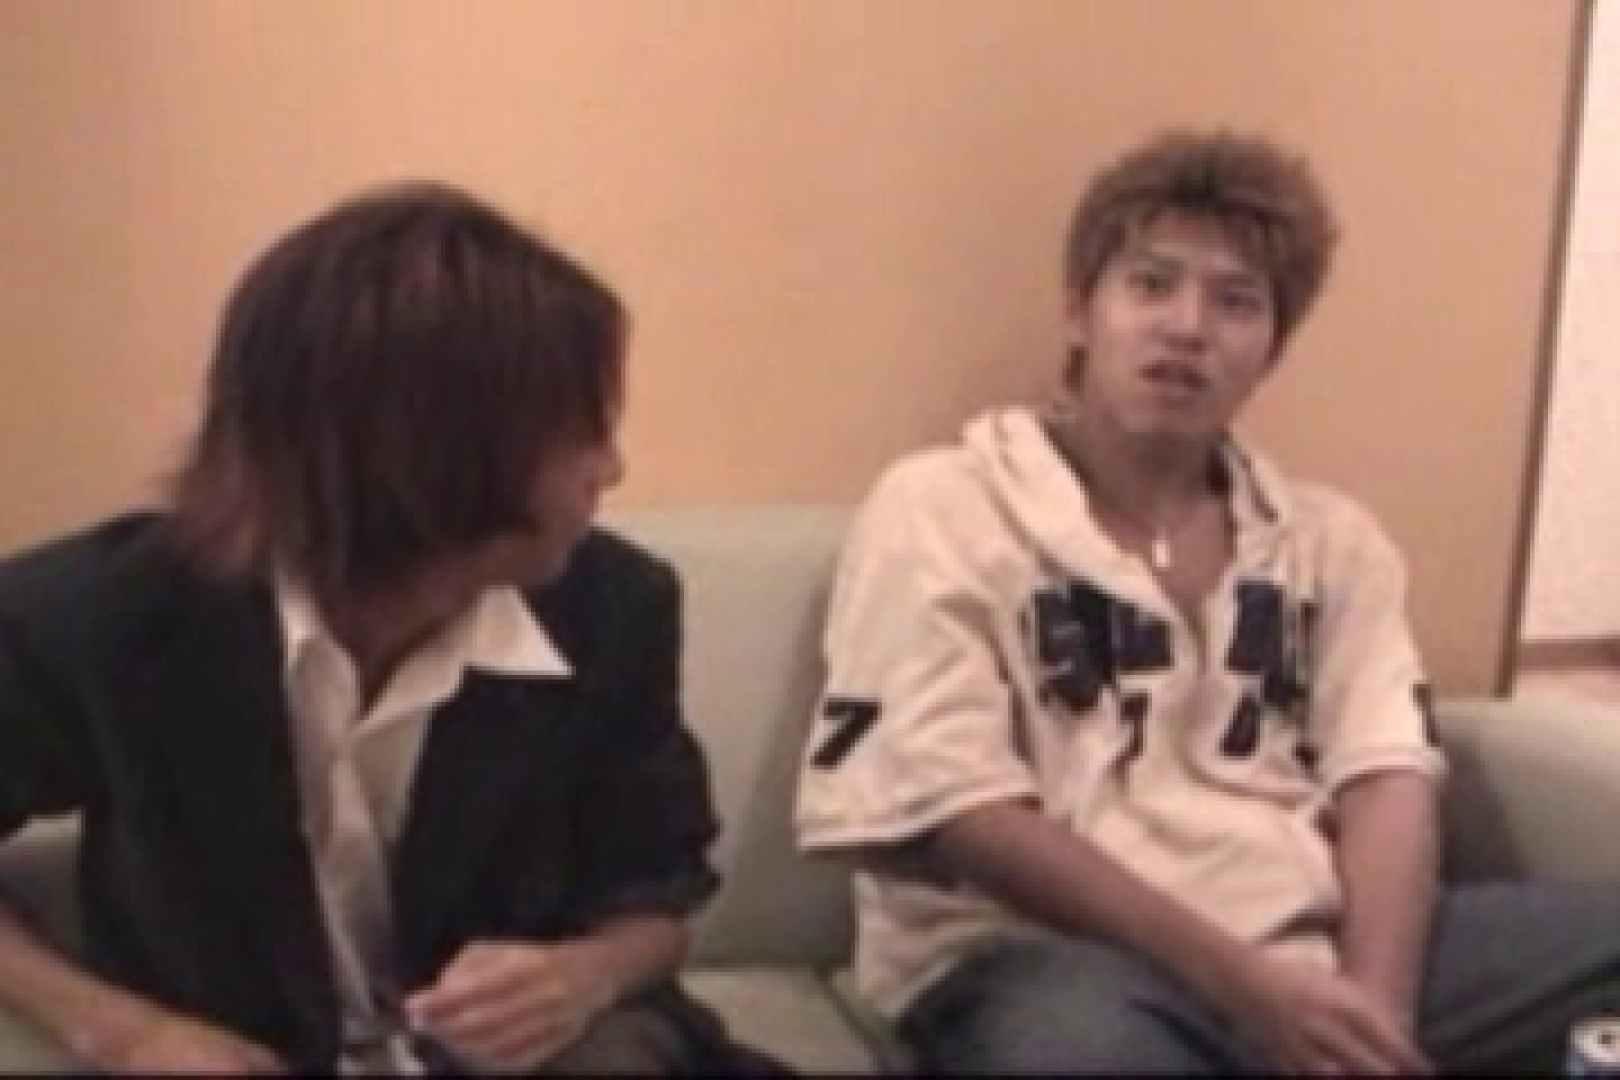 【流出】ジャニ系イケメン!!フライング&アナルが痛くて出来ません!! 入浴・シャワー覗き | フェラ最高 ゲイAV画像 9連発 9